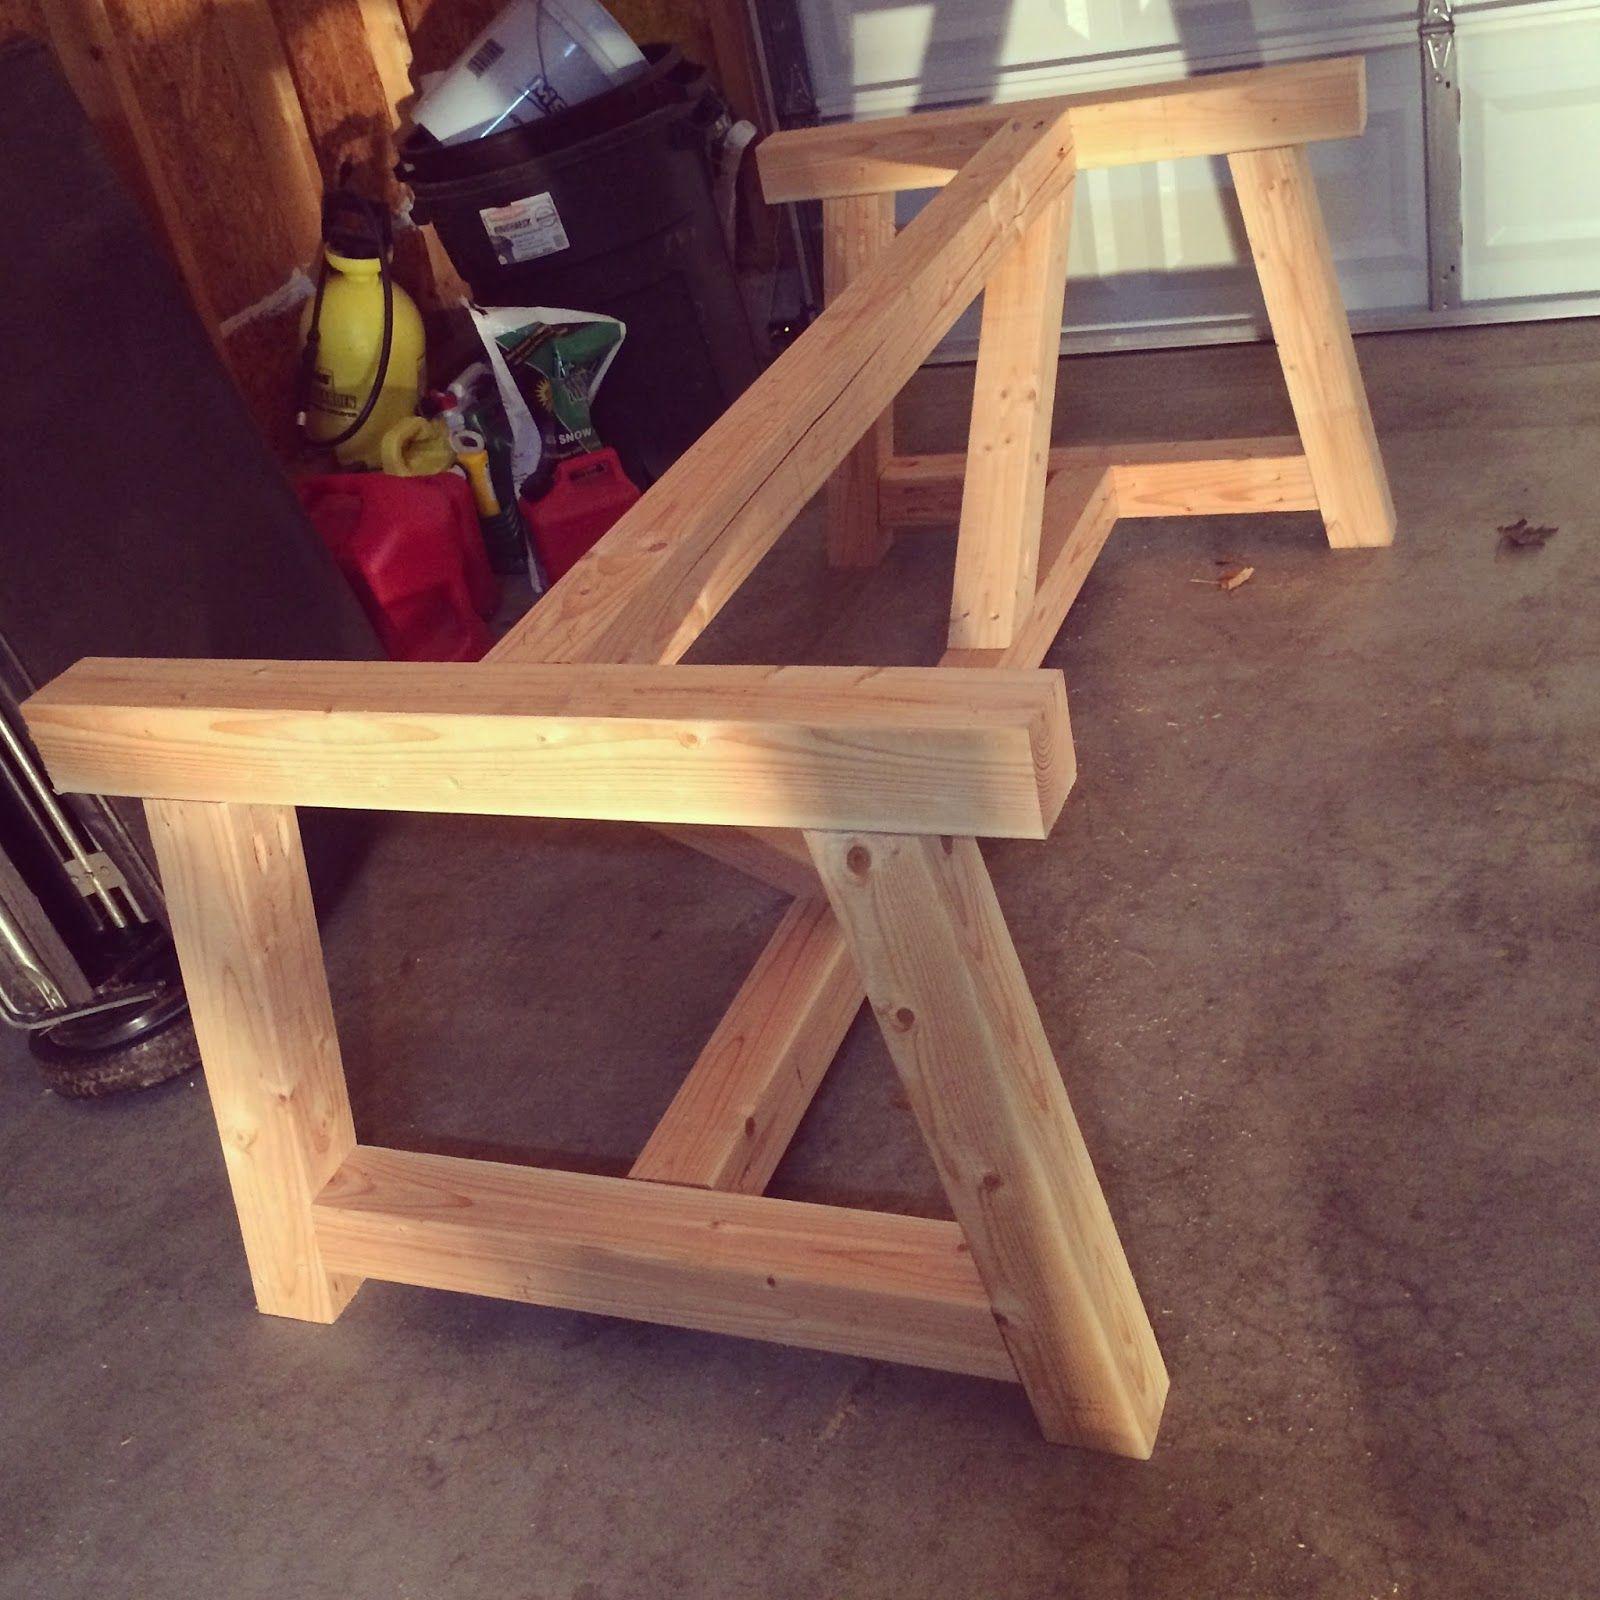 Tisch Selber Bauen Selber Machen Holztisch Diy Tisch Konferenztisch Tischlerei Holzbearbeitung Holzarbeiten Diy Möbel